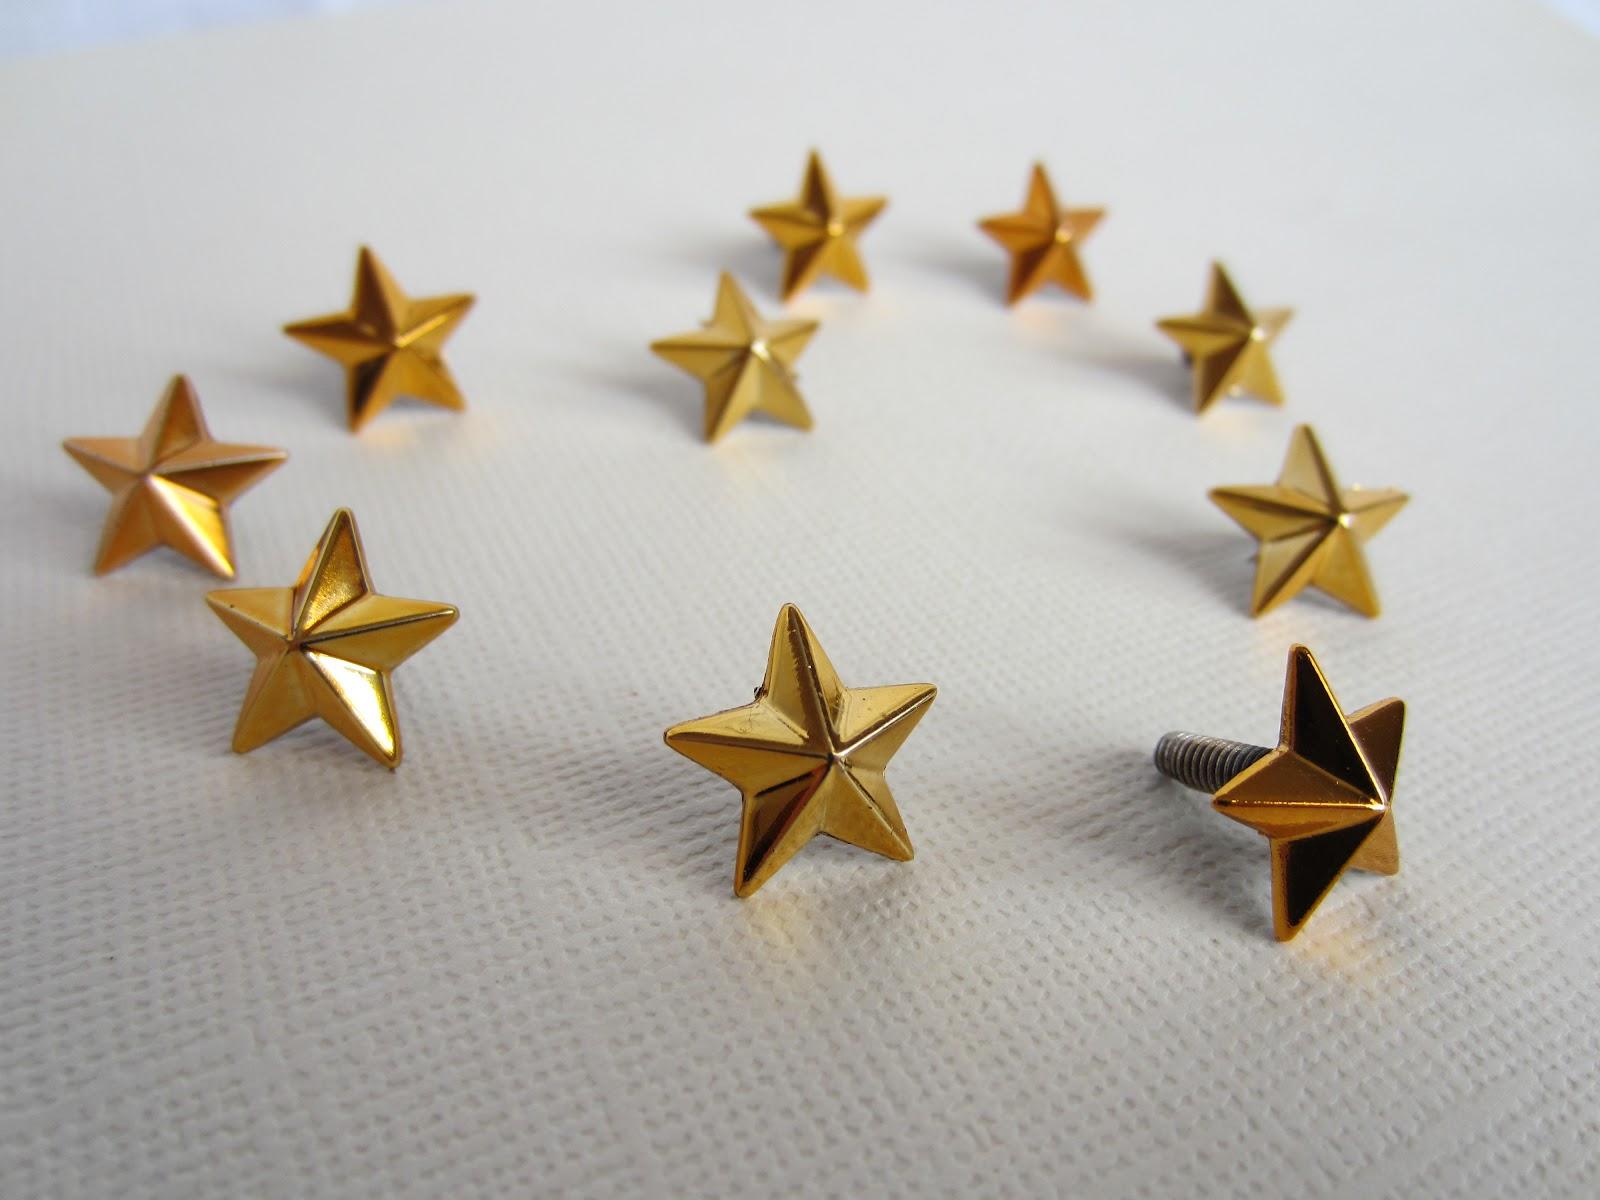 Как крепить звезды на погон Крепление звезд на погонах Военная служба 30